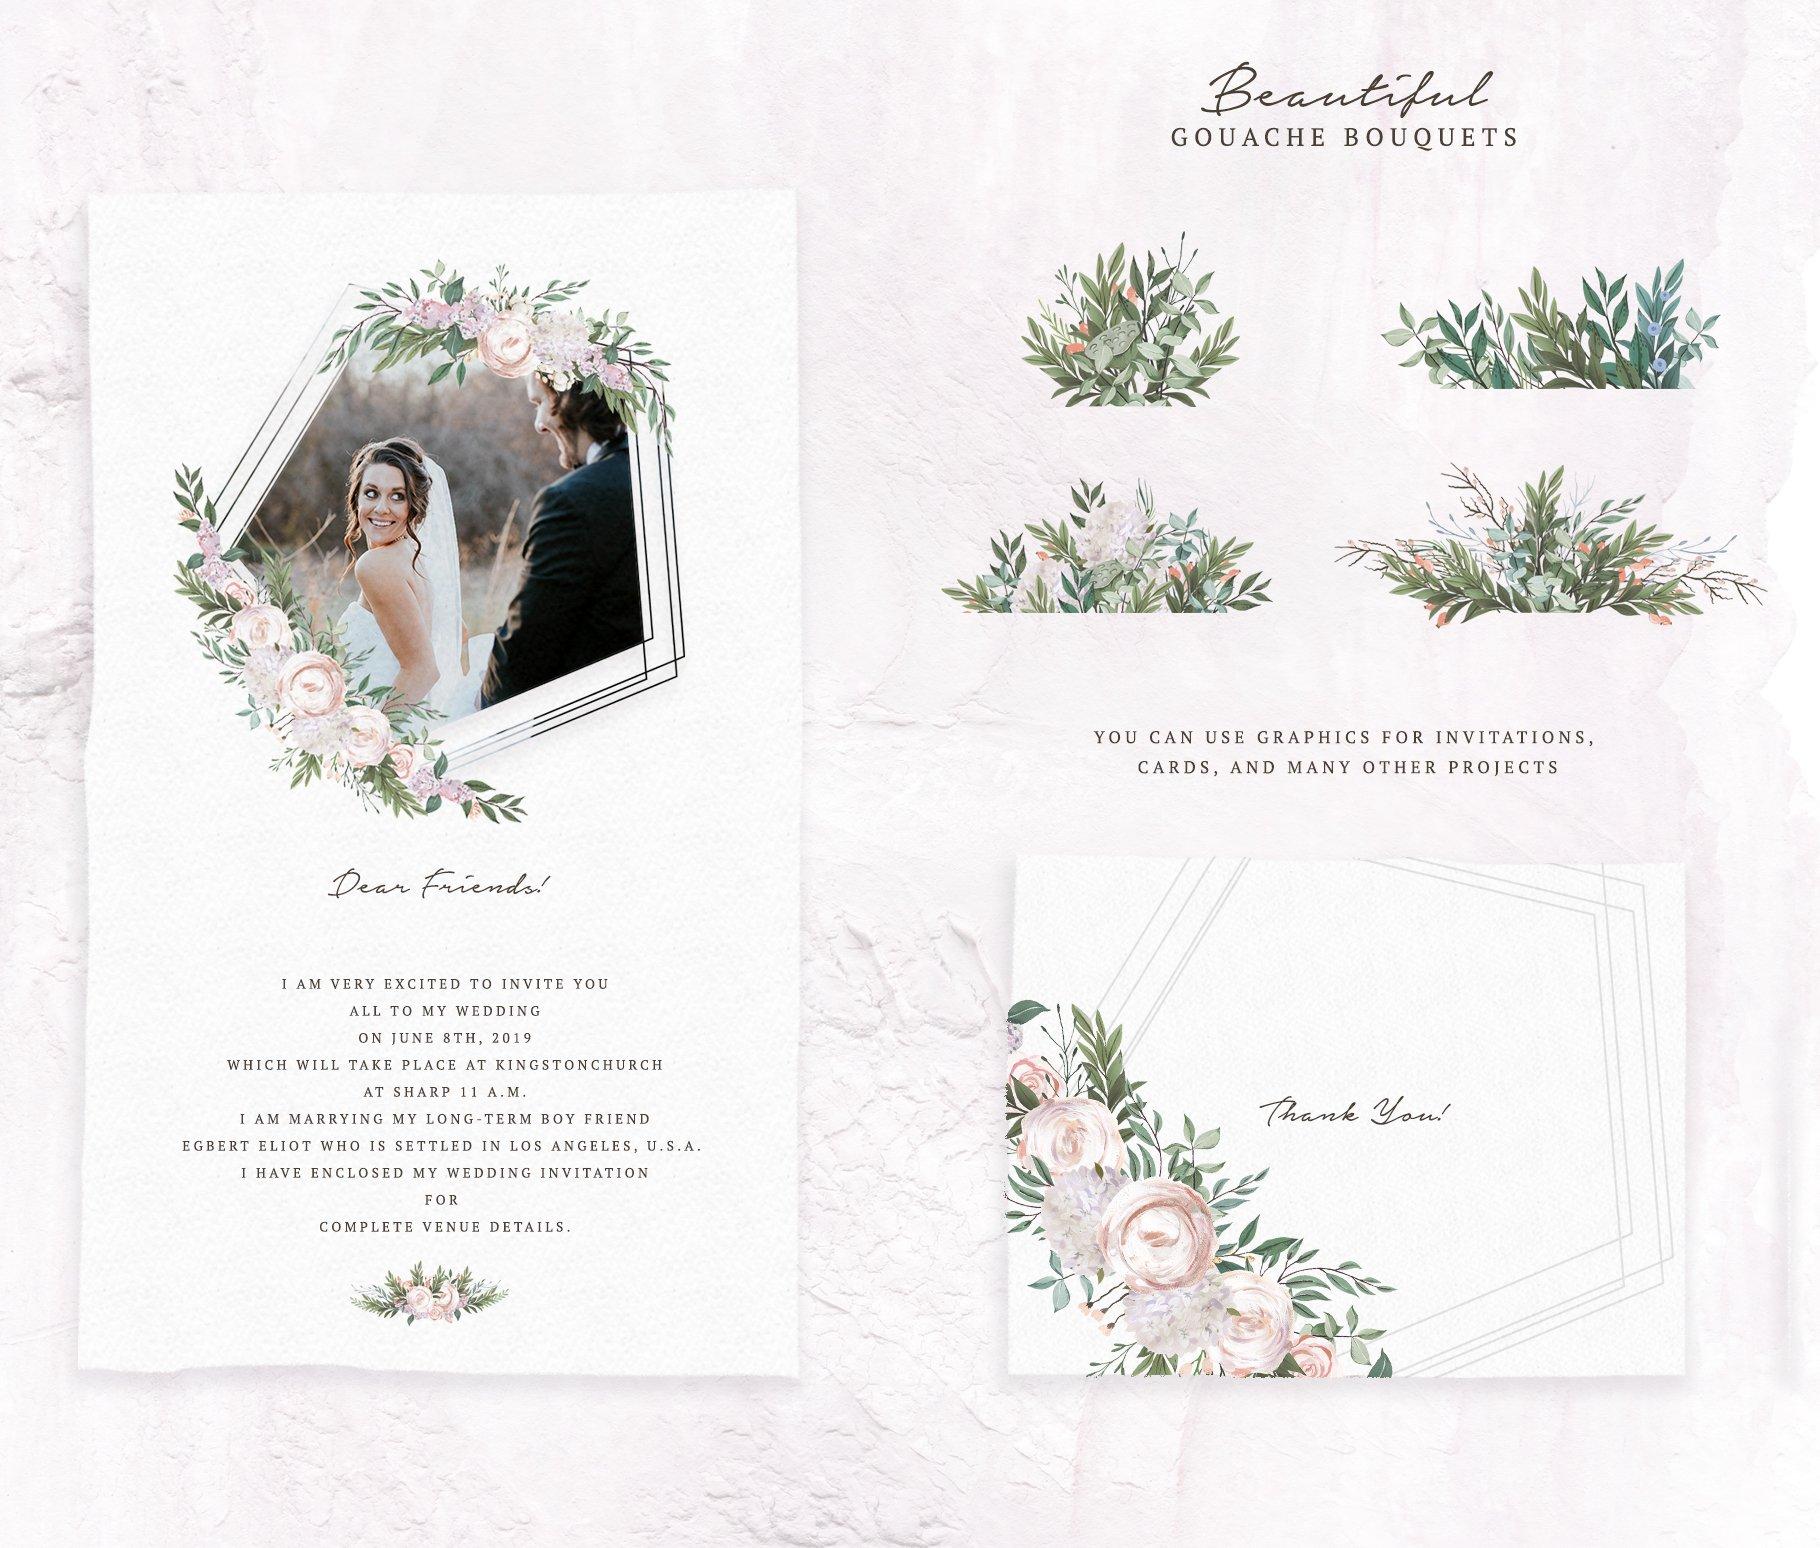 哑光油漆质感花卉树叶手绘水彩画PNG透明图片素材 Gouache Dusty Flowers插图4